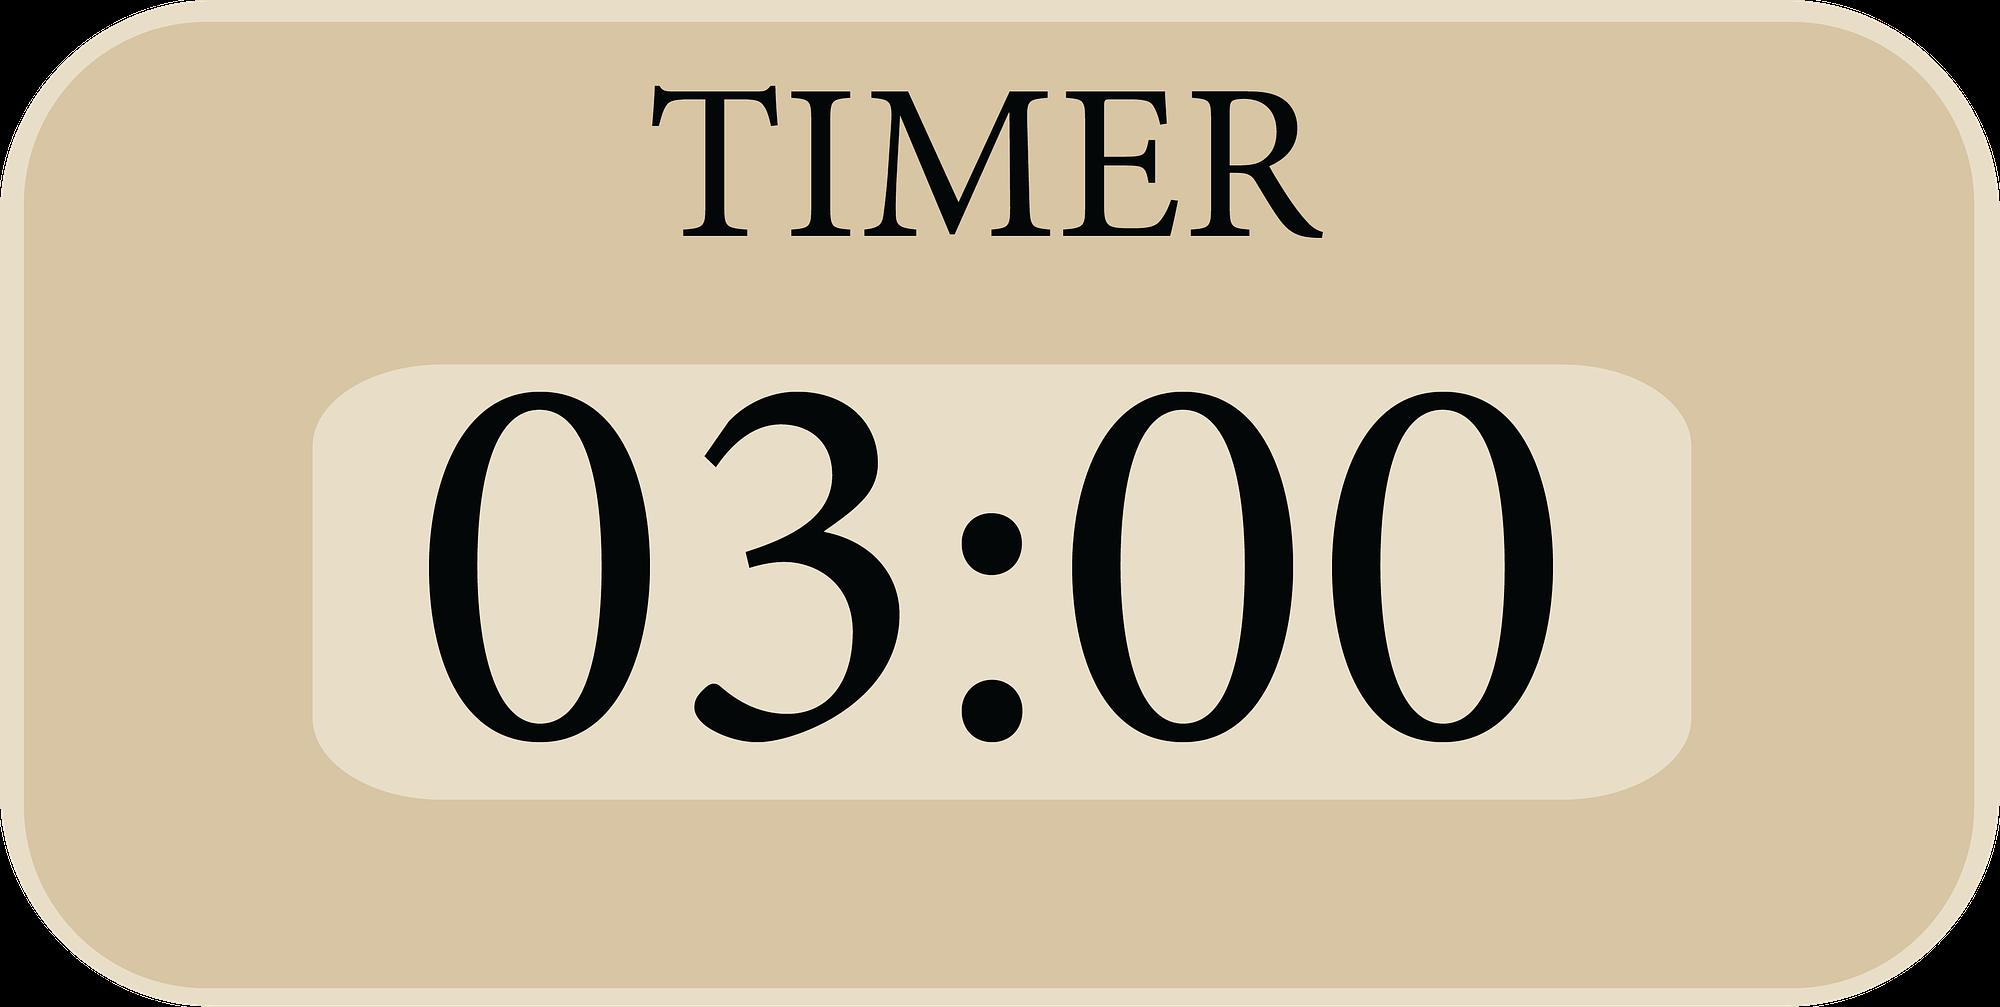 Timer zeigt drei minuten